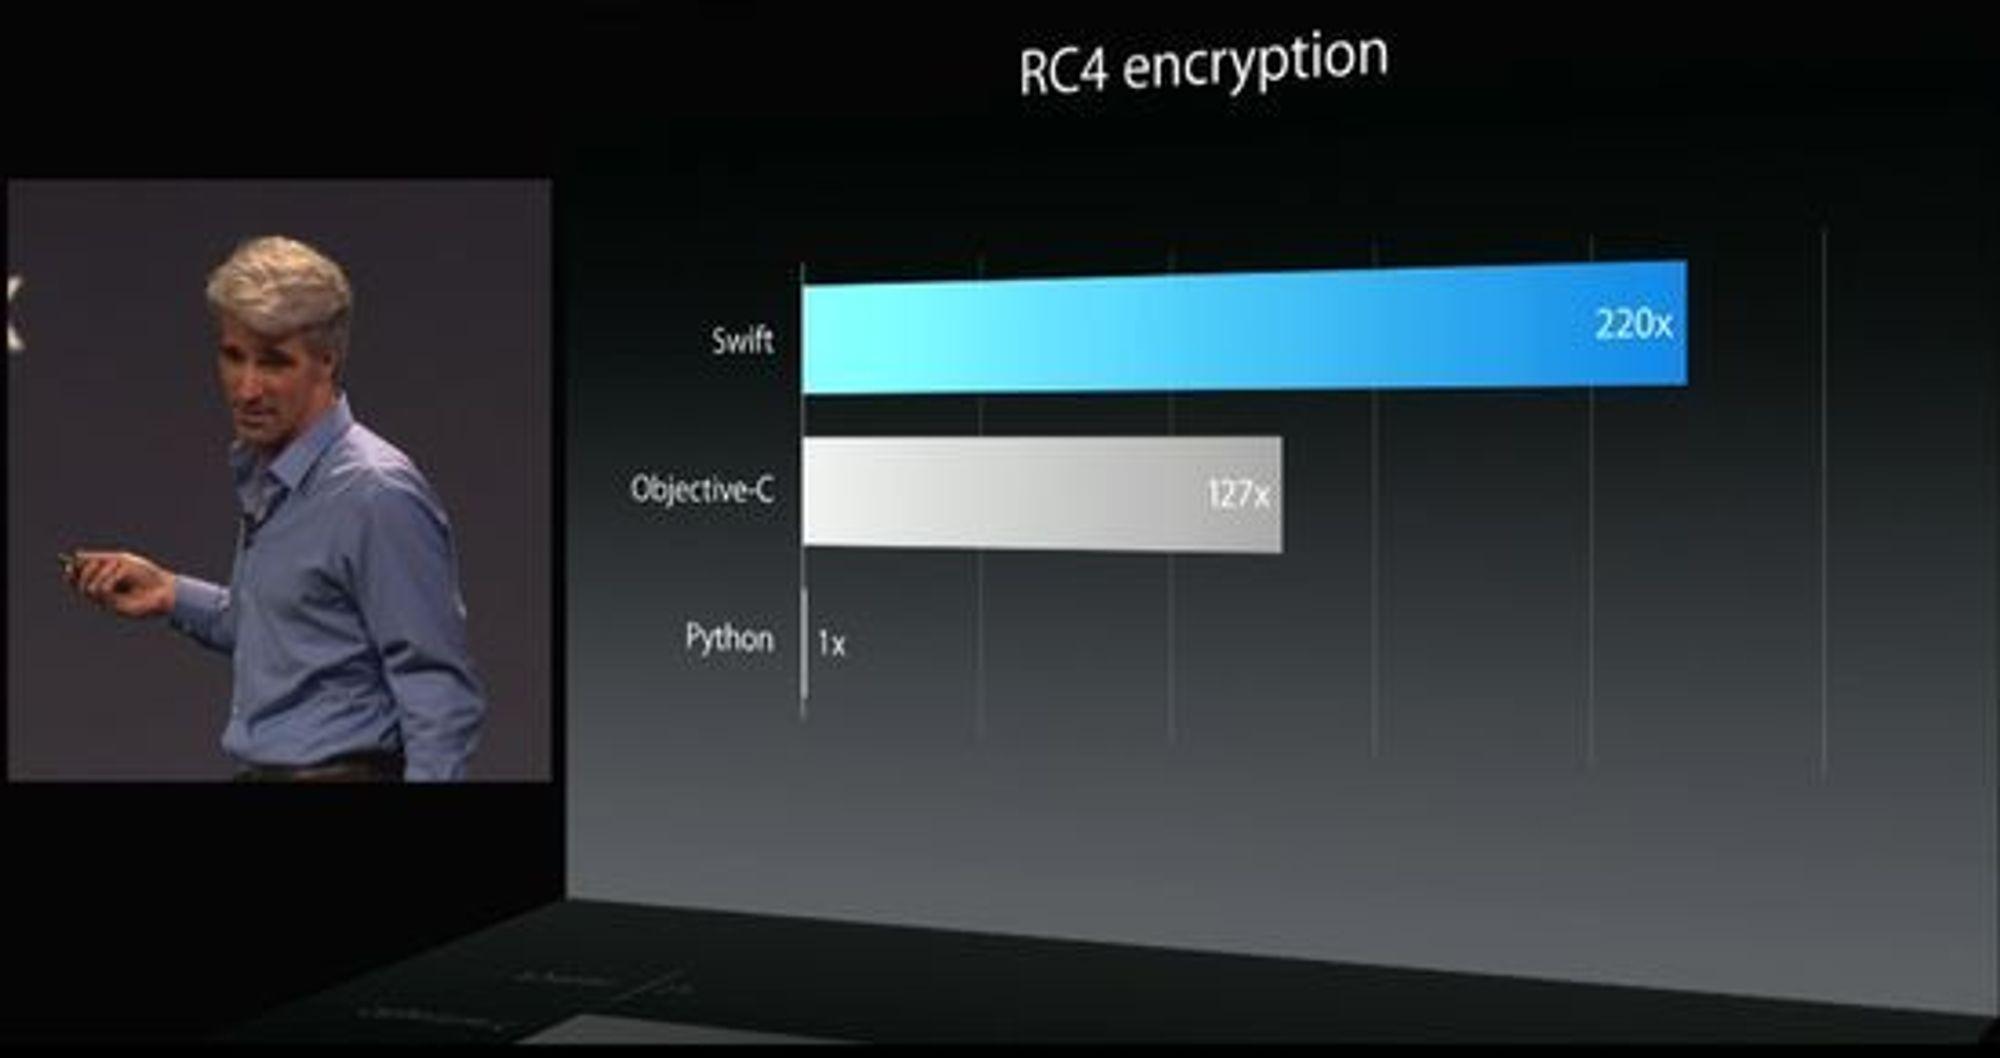 Craig Federighi fremhever blant annet hvordan Swift skal være langt mer effektiv enn Objective-C.